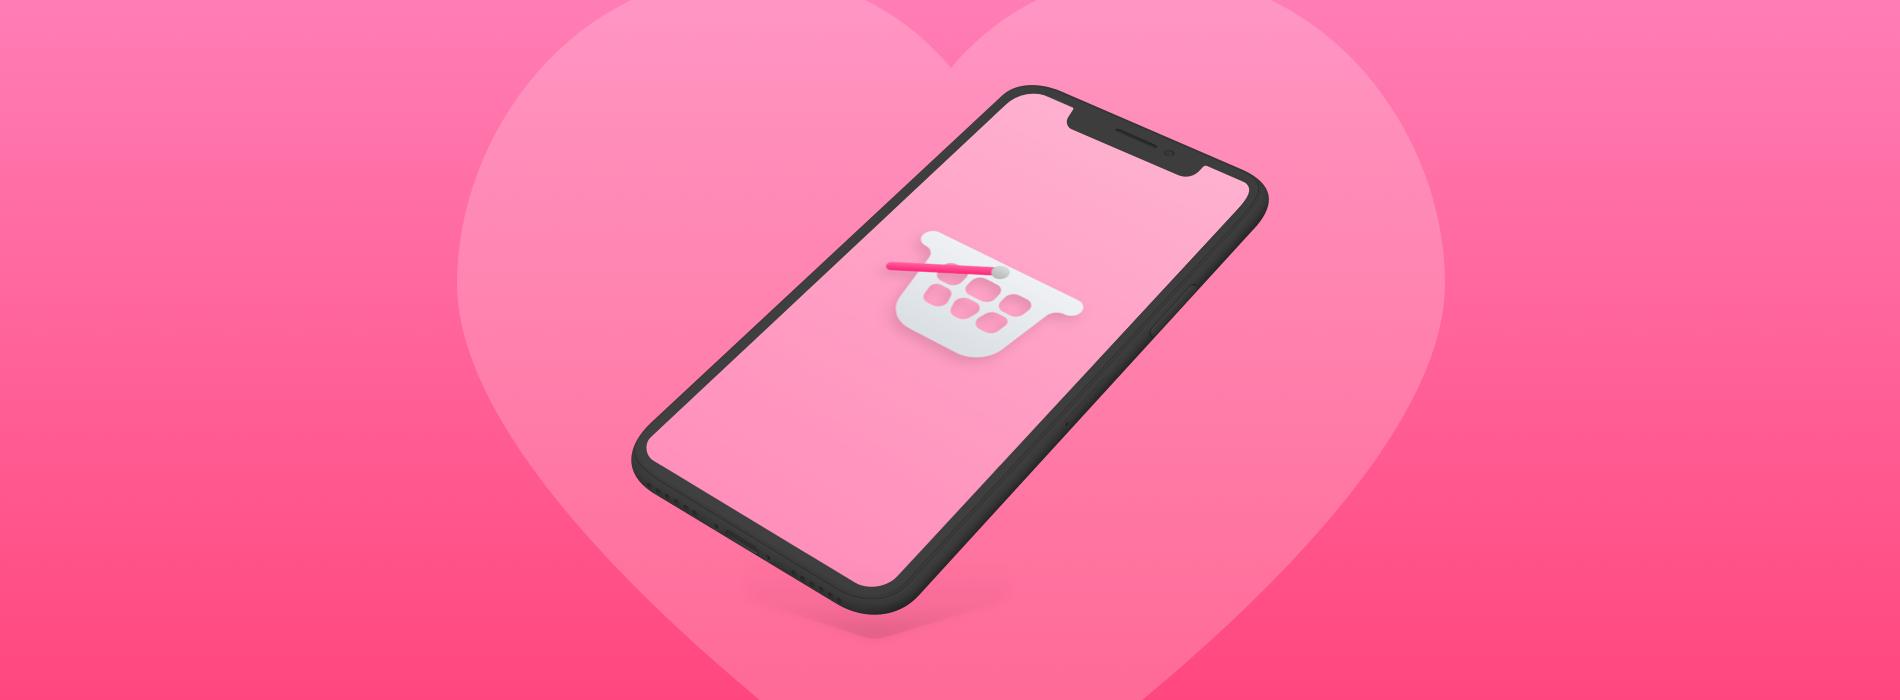 Comment pimenter vos campagnes remarketing pour la Saint-Valentin ?